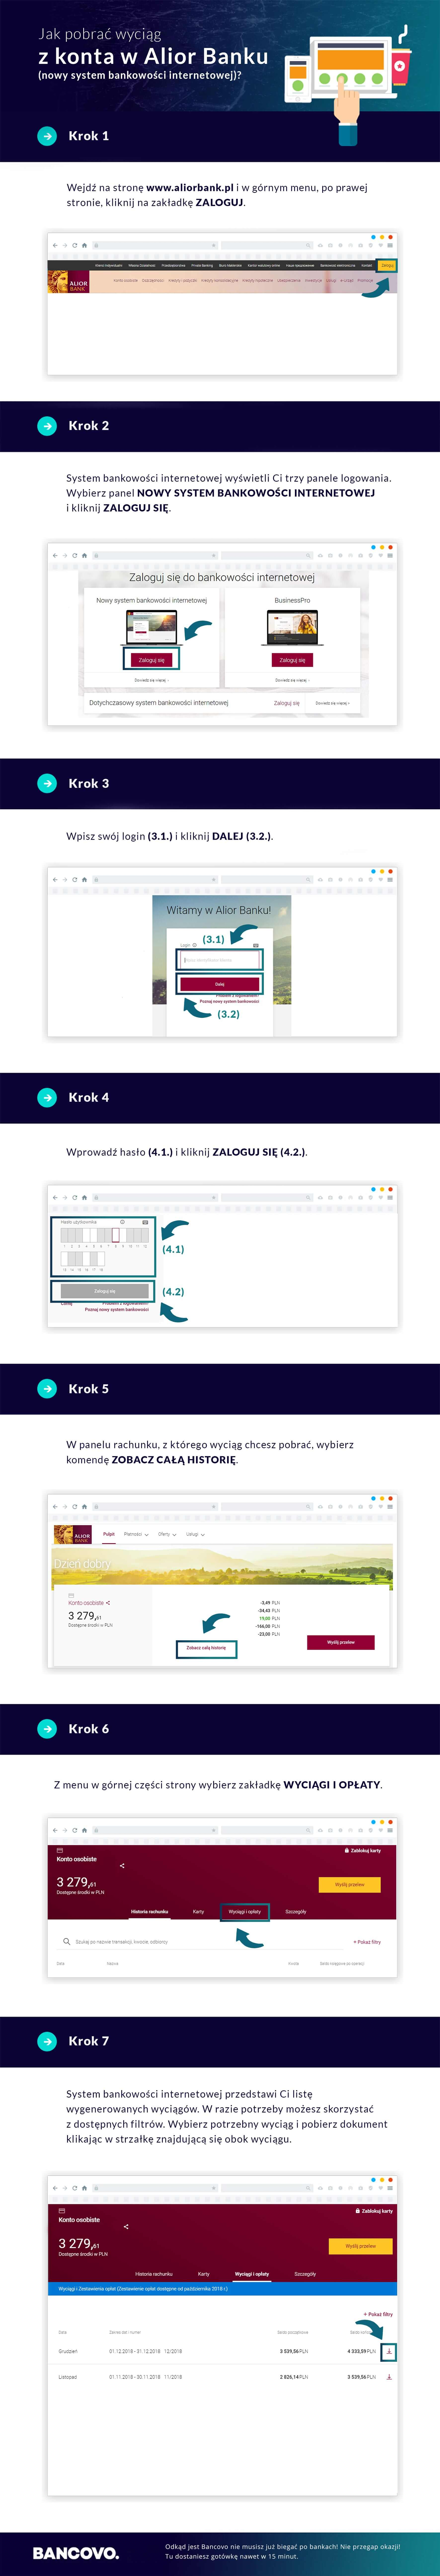 jak pobrać wyciąg z konta w Alior Banku nowy system bankowości internetowej